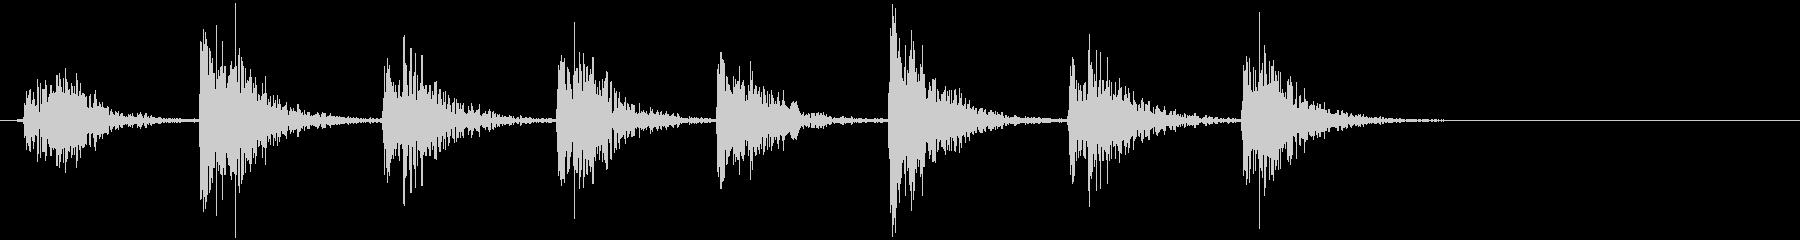 カツッカツ(二階からブーツの足音)の未再生の波形